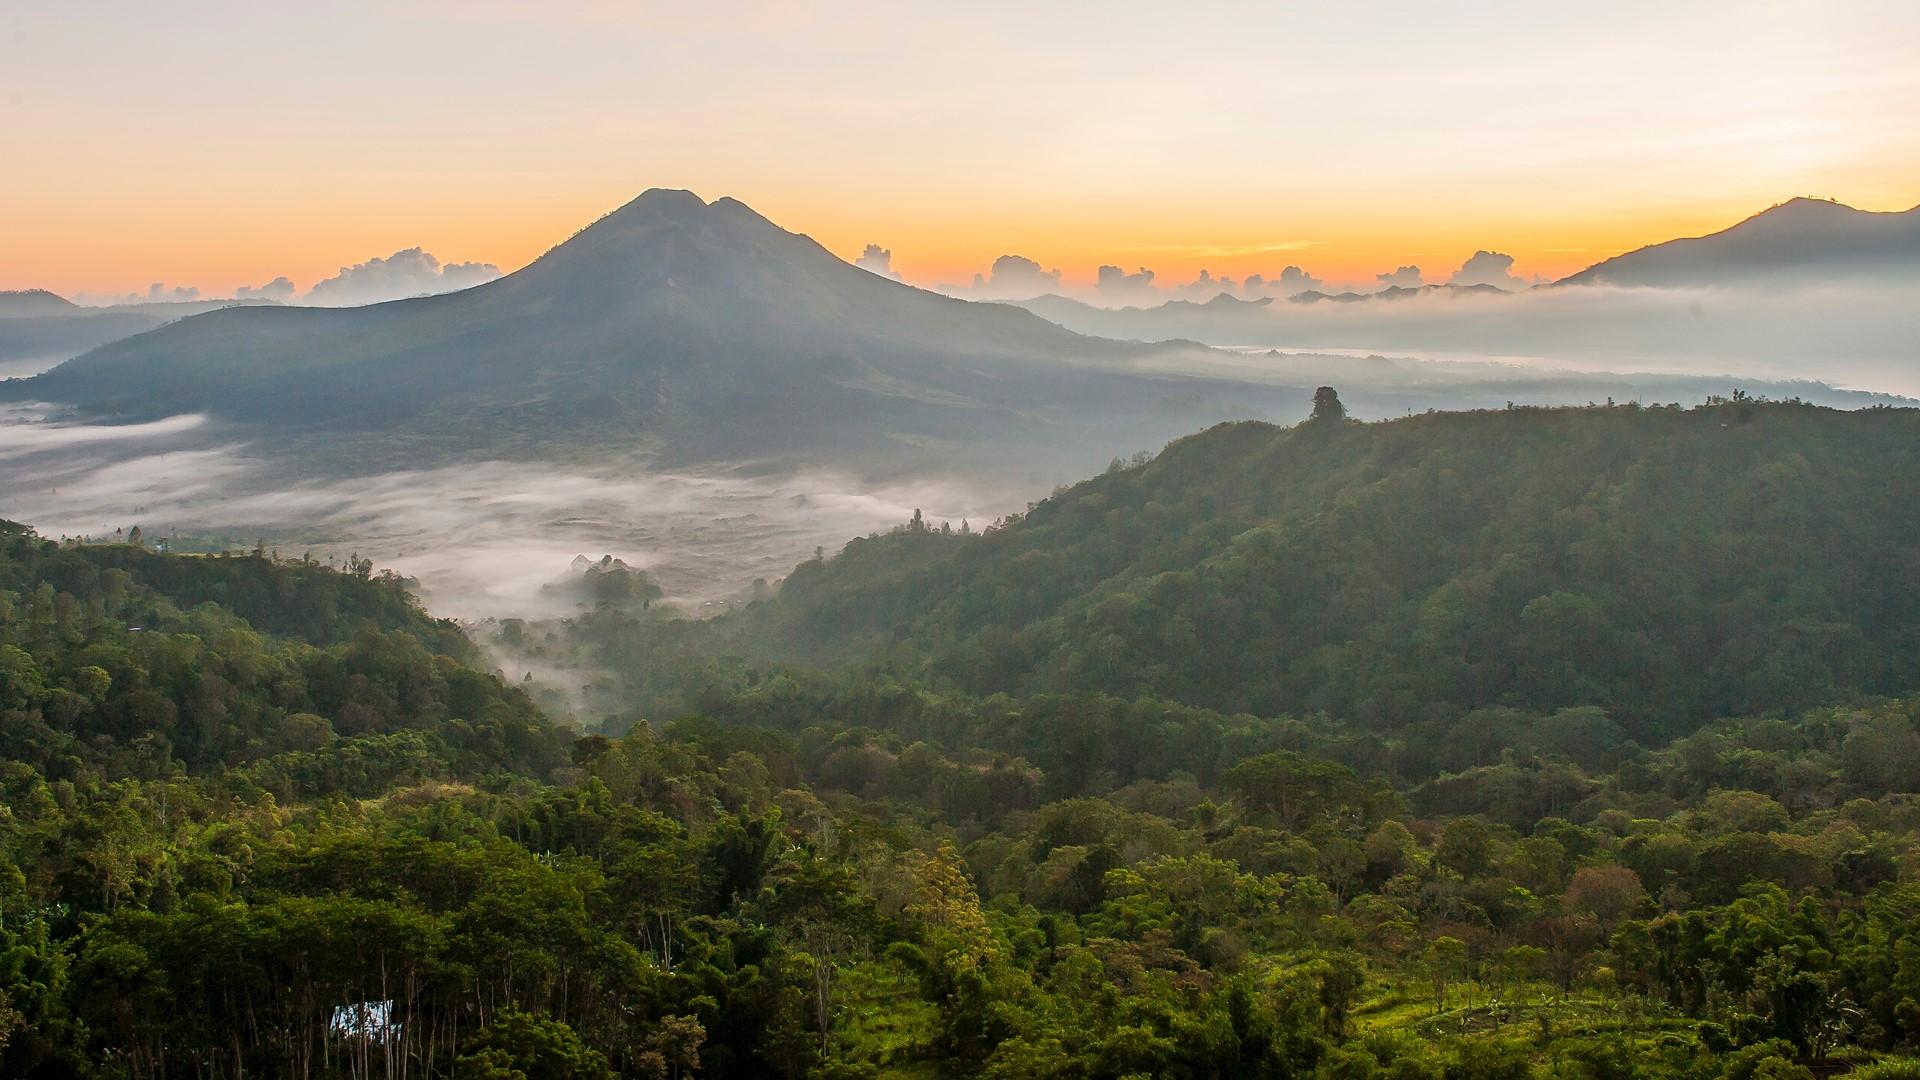 Hilltops over morning fog in remote landscape, Kintamani